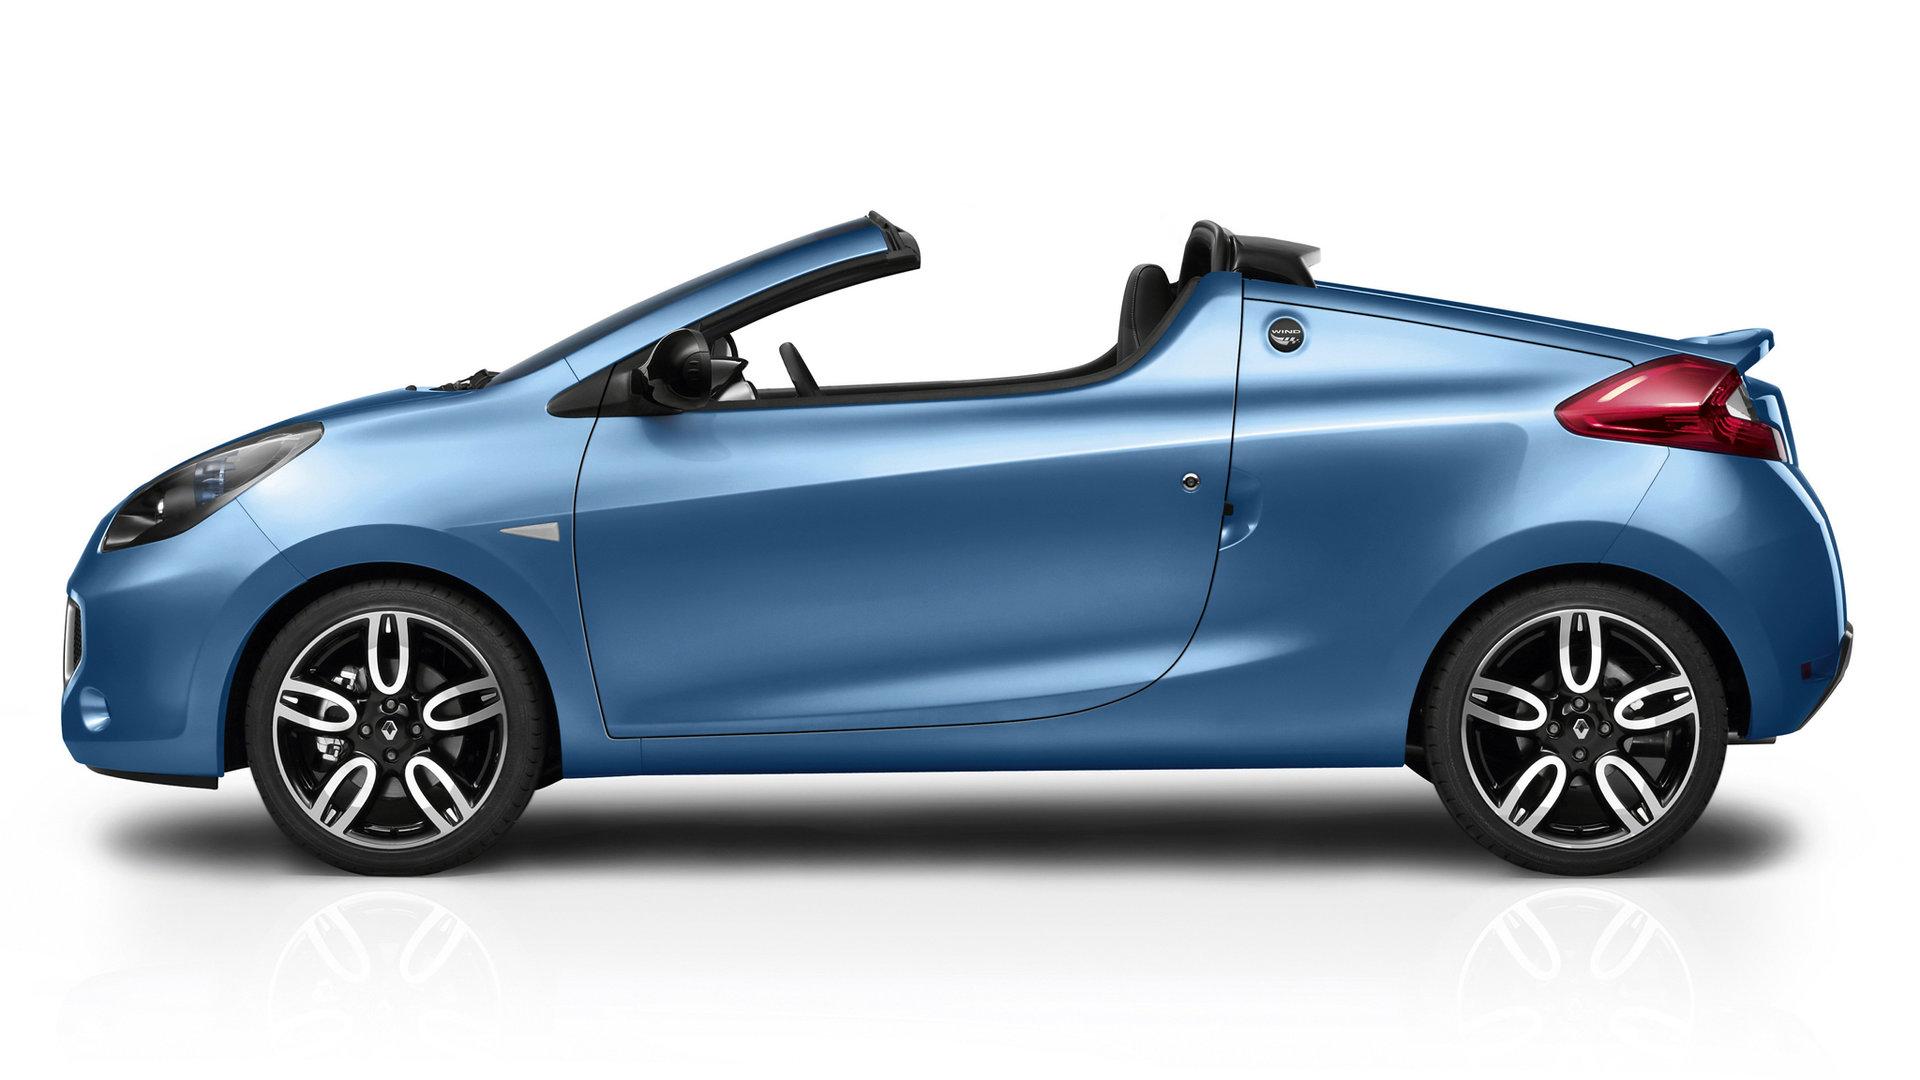 Coche del día: Renault Wind